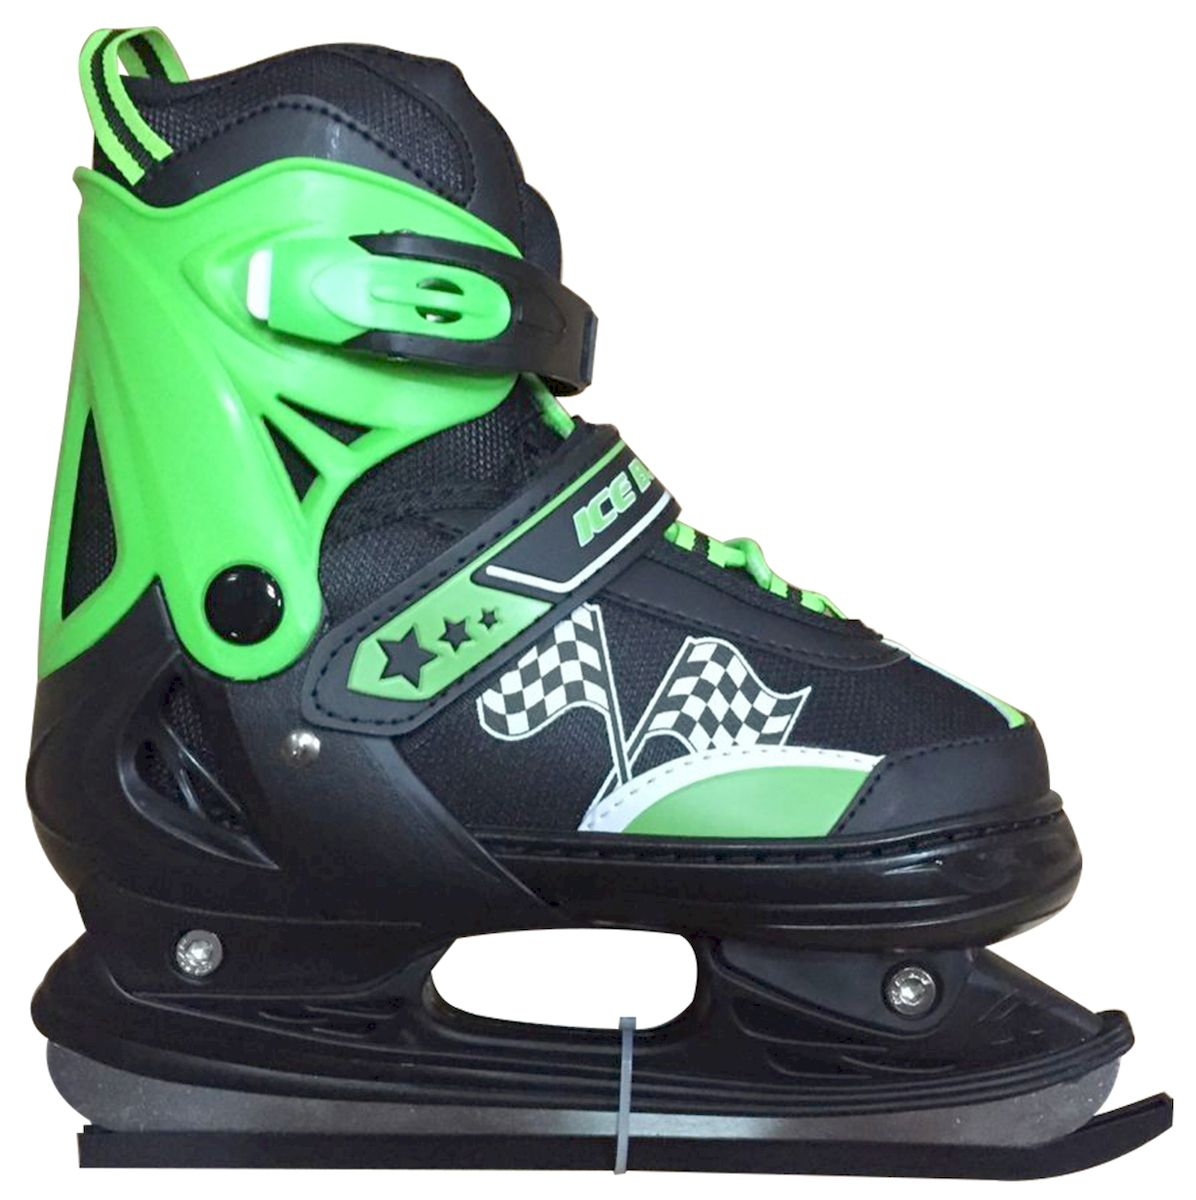 Коньки ледовые Ice Blade Winner, раздвижные, цвет: черный, зеленый. УТ-00006879. Размер S (31/34)